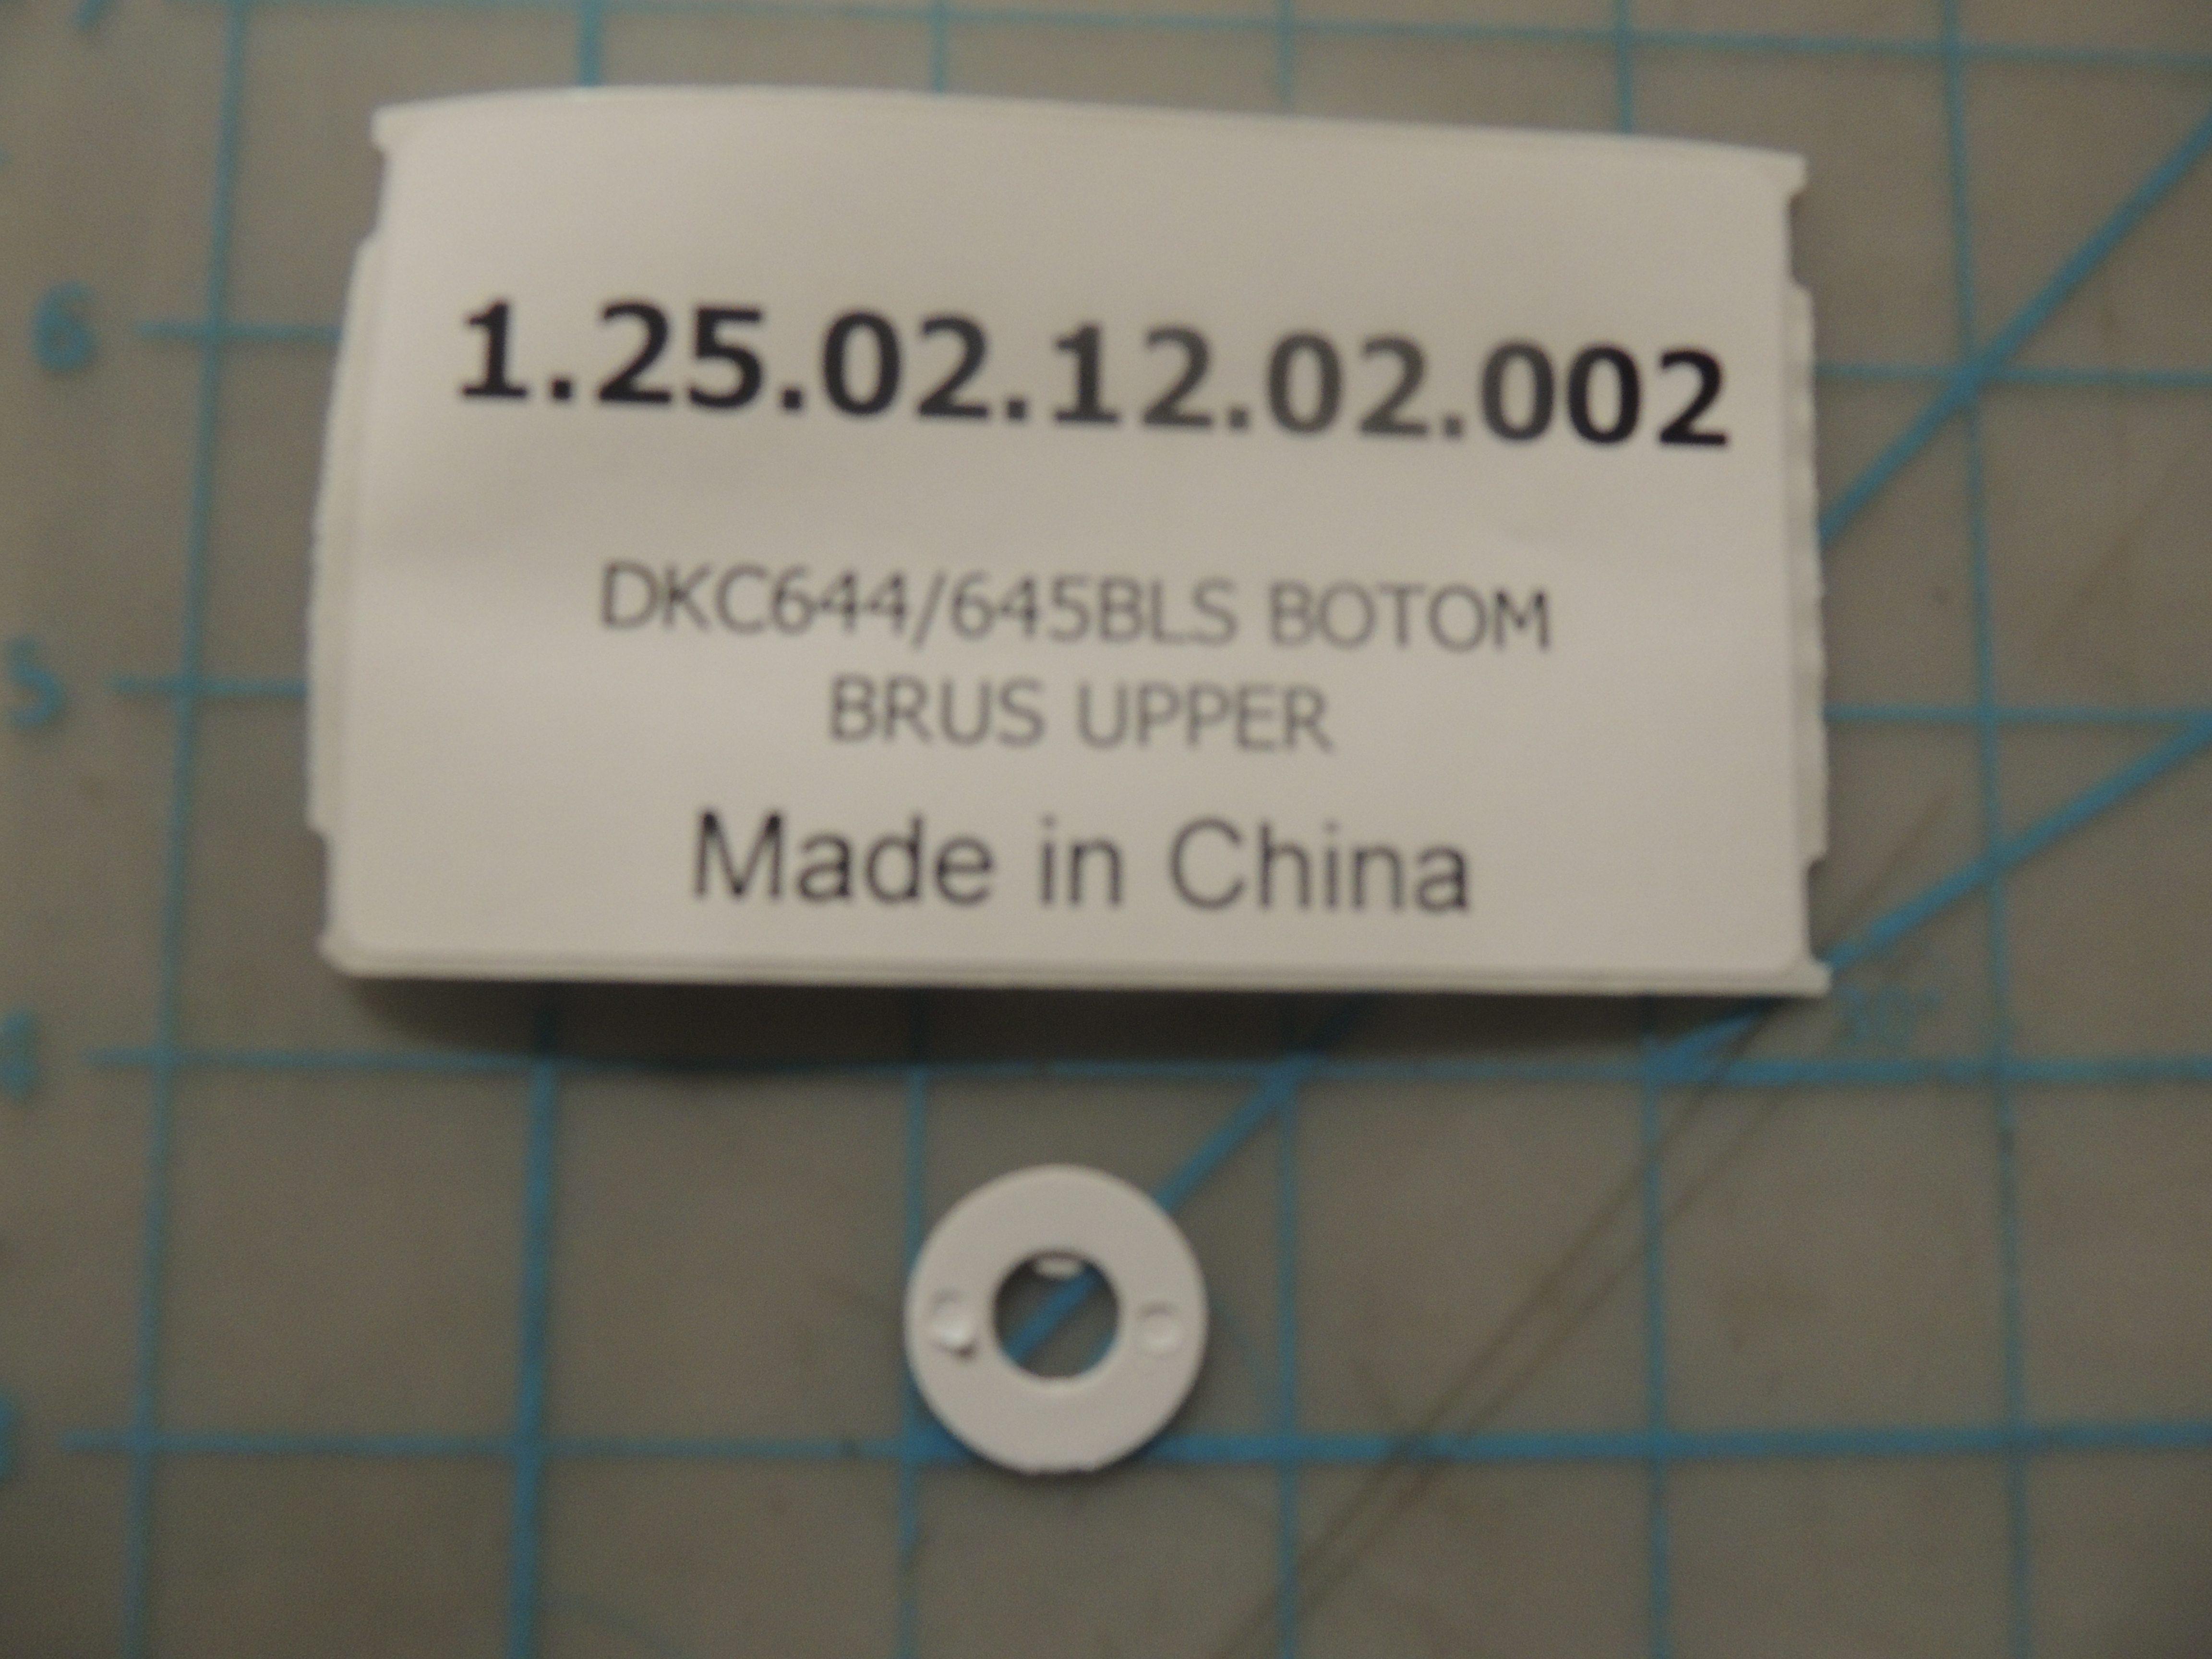 DKC644/645BLS BOTOM BRUS UPPER